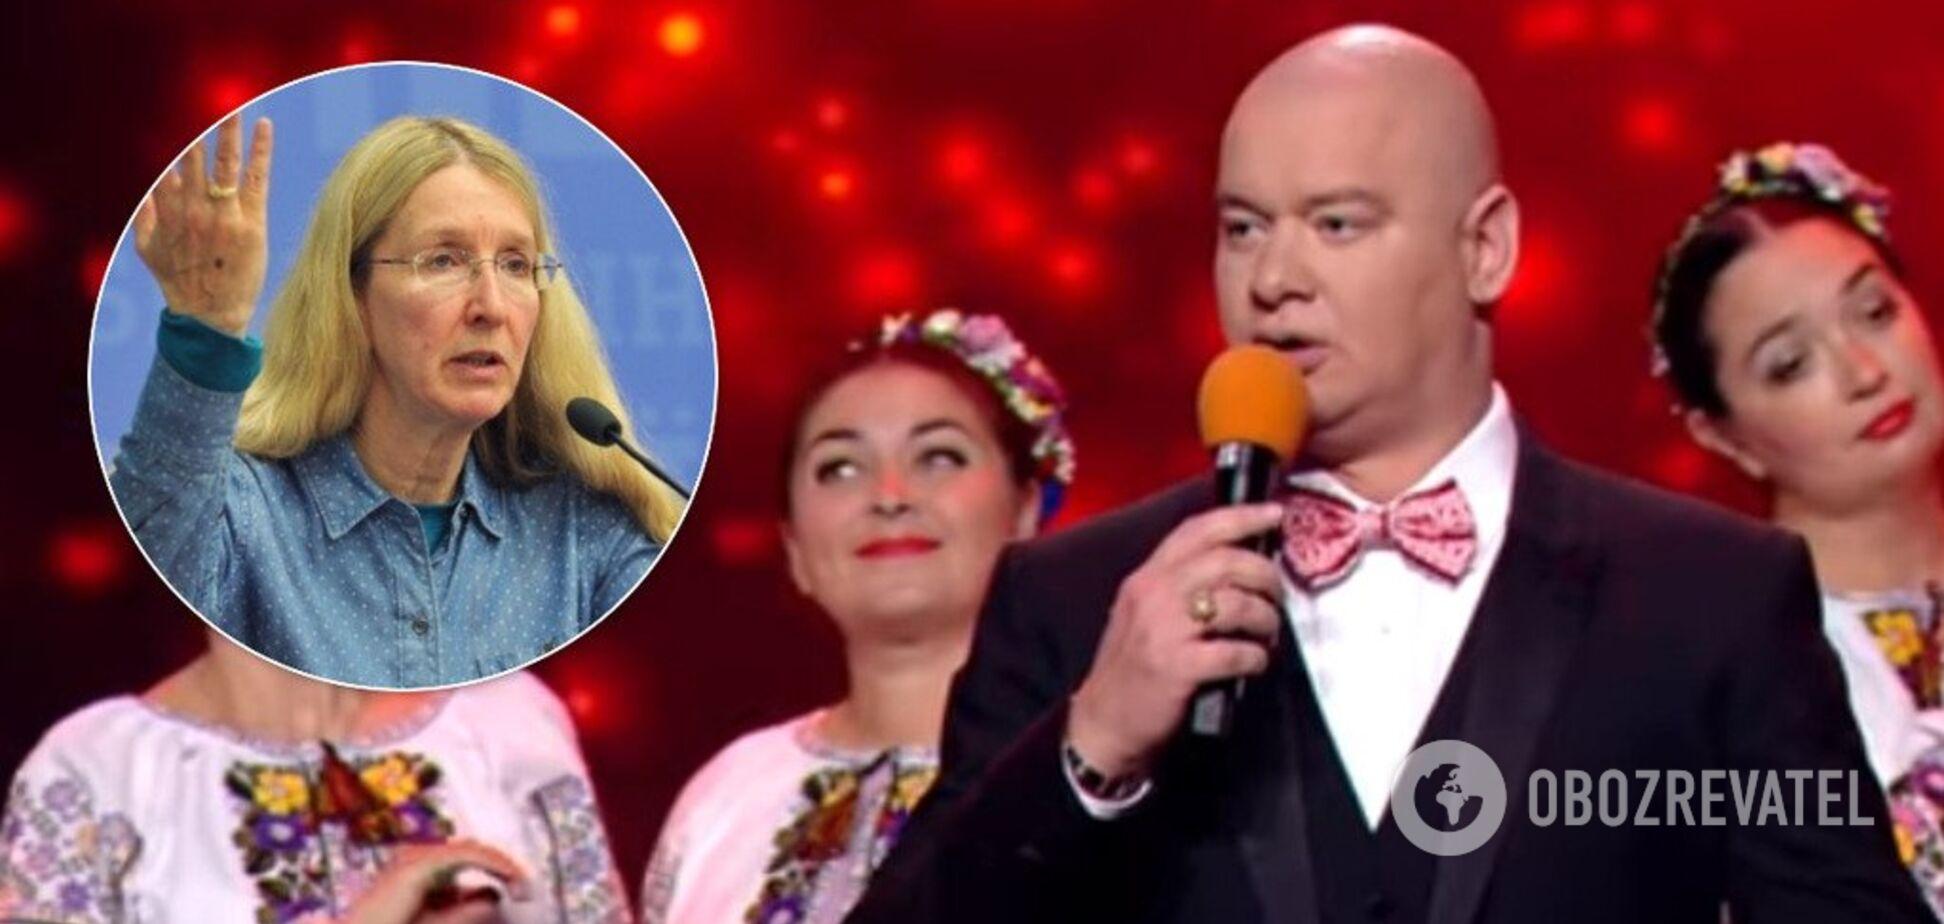 'Низкосортные пародии': Супрун жестко прошлась по 'Кварталу 95' из-за Гонтаревой